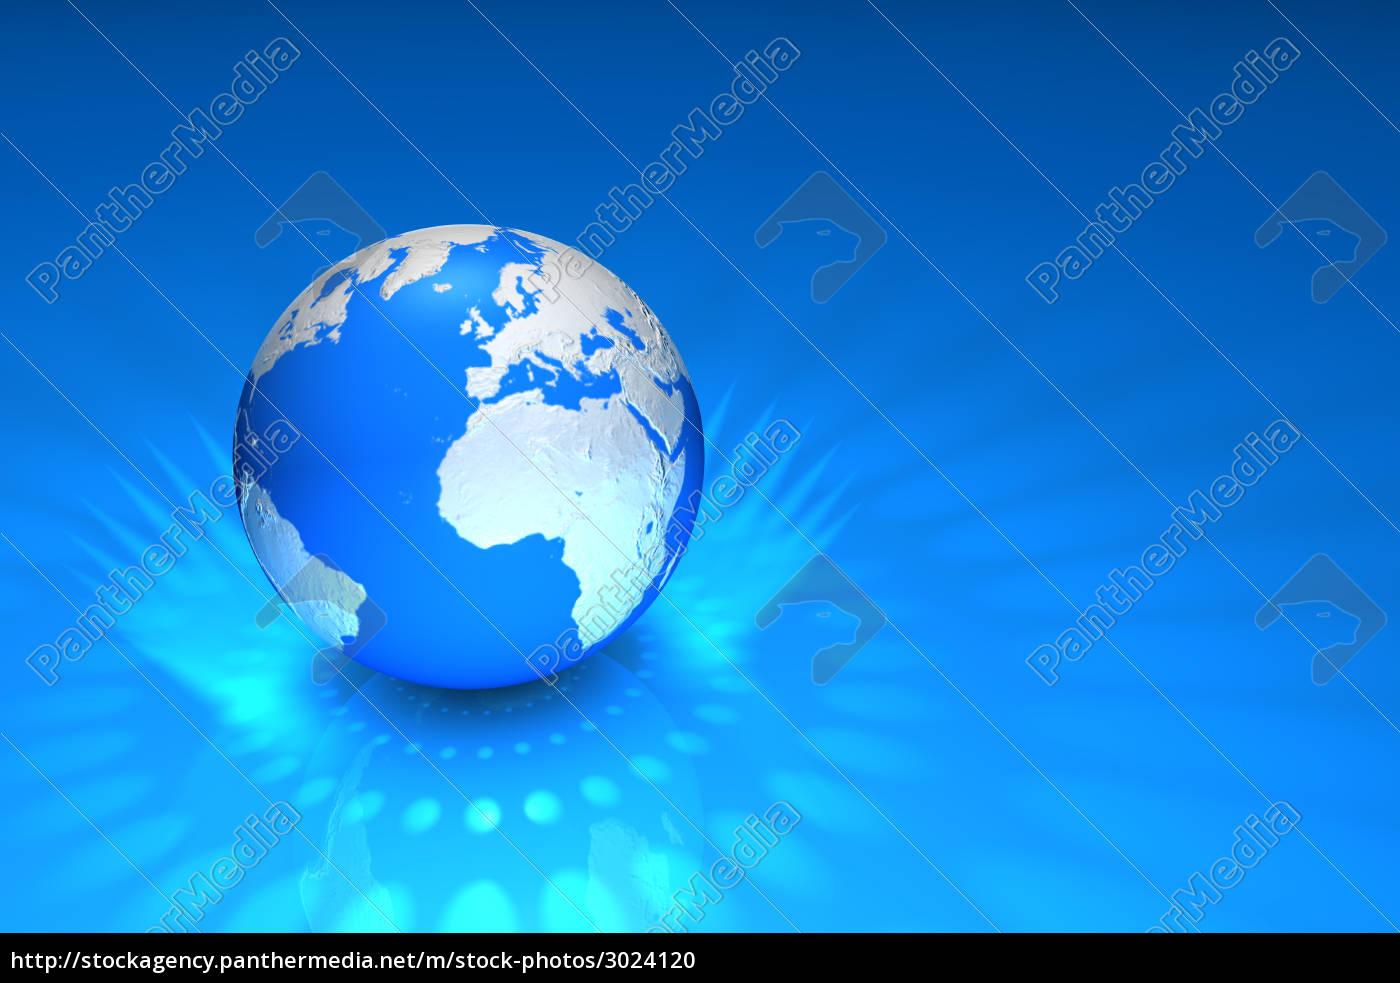 globe, blue - 3024120